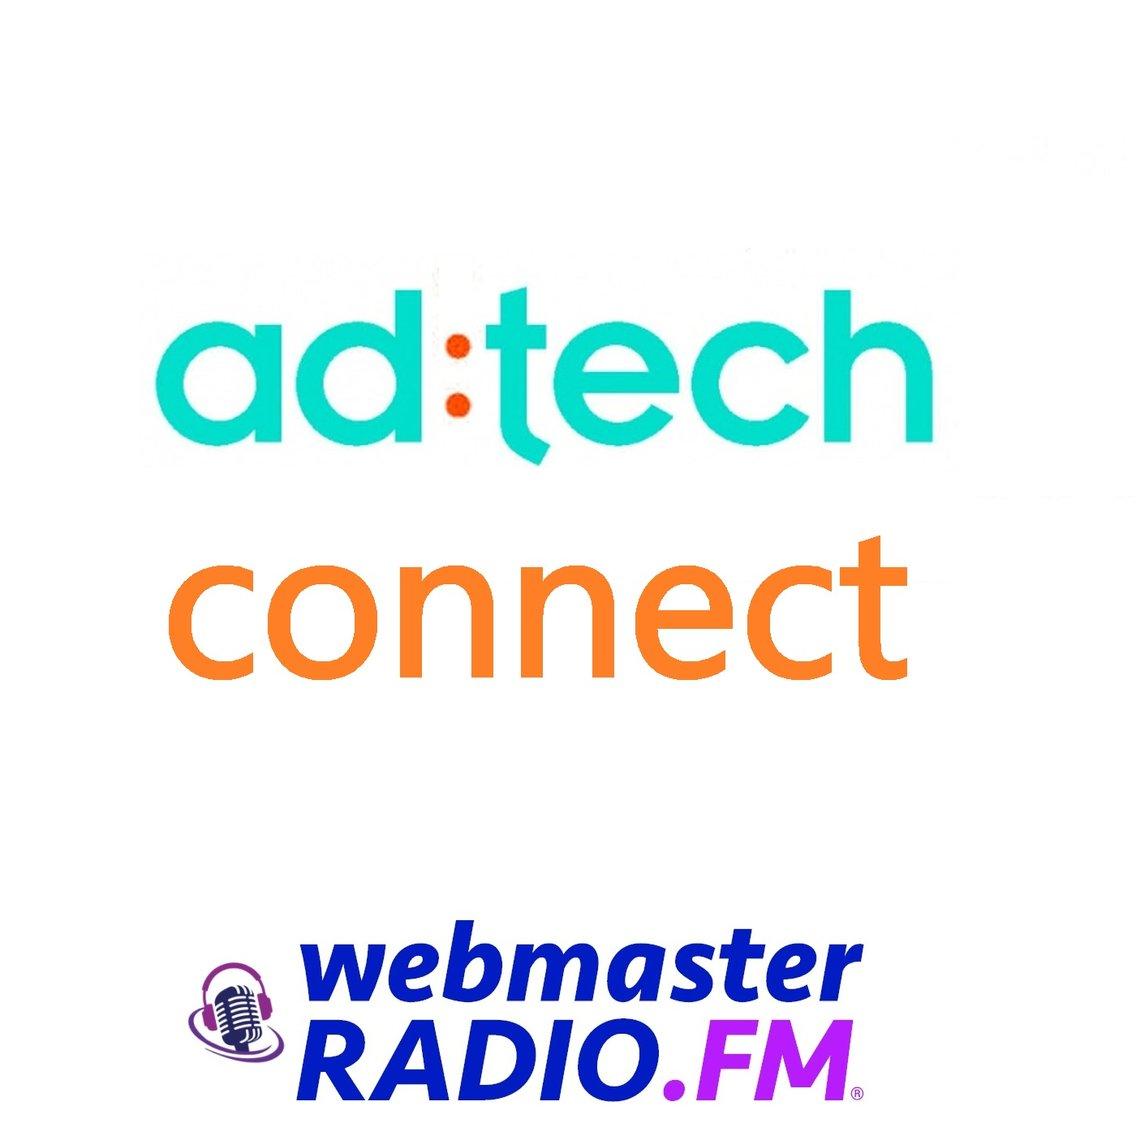 ad:tech Connect - imagen de portada